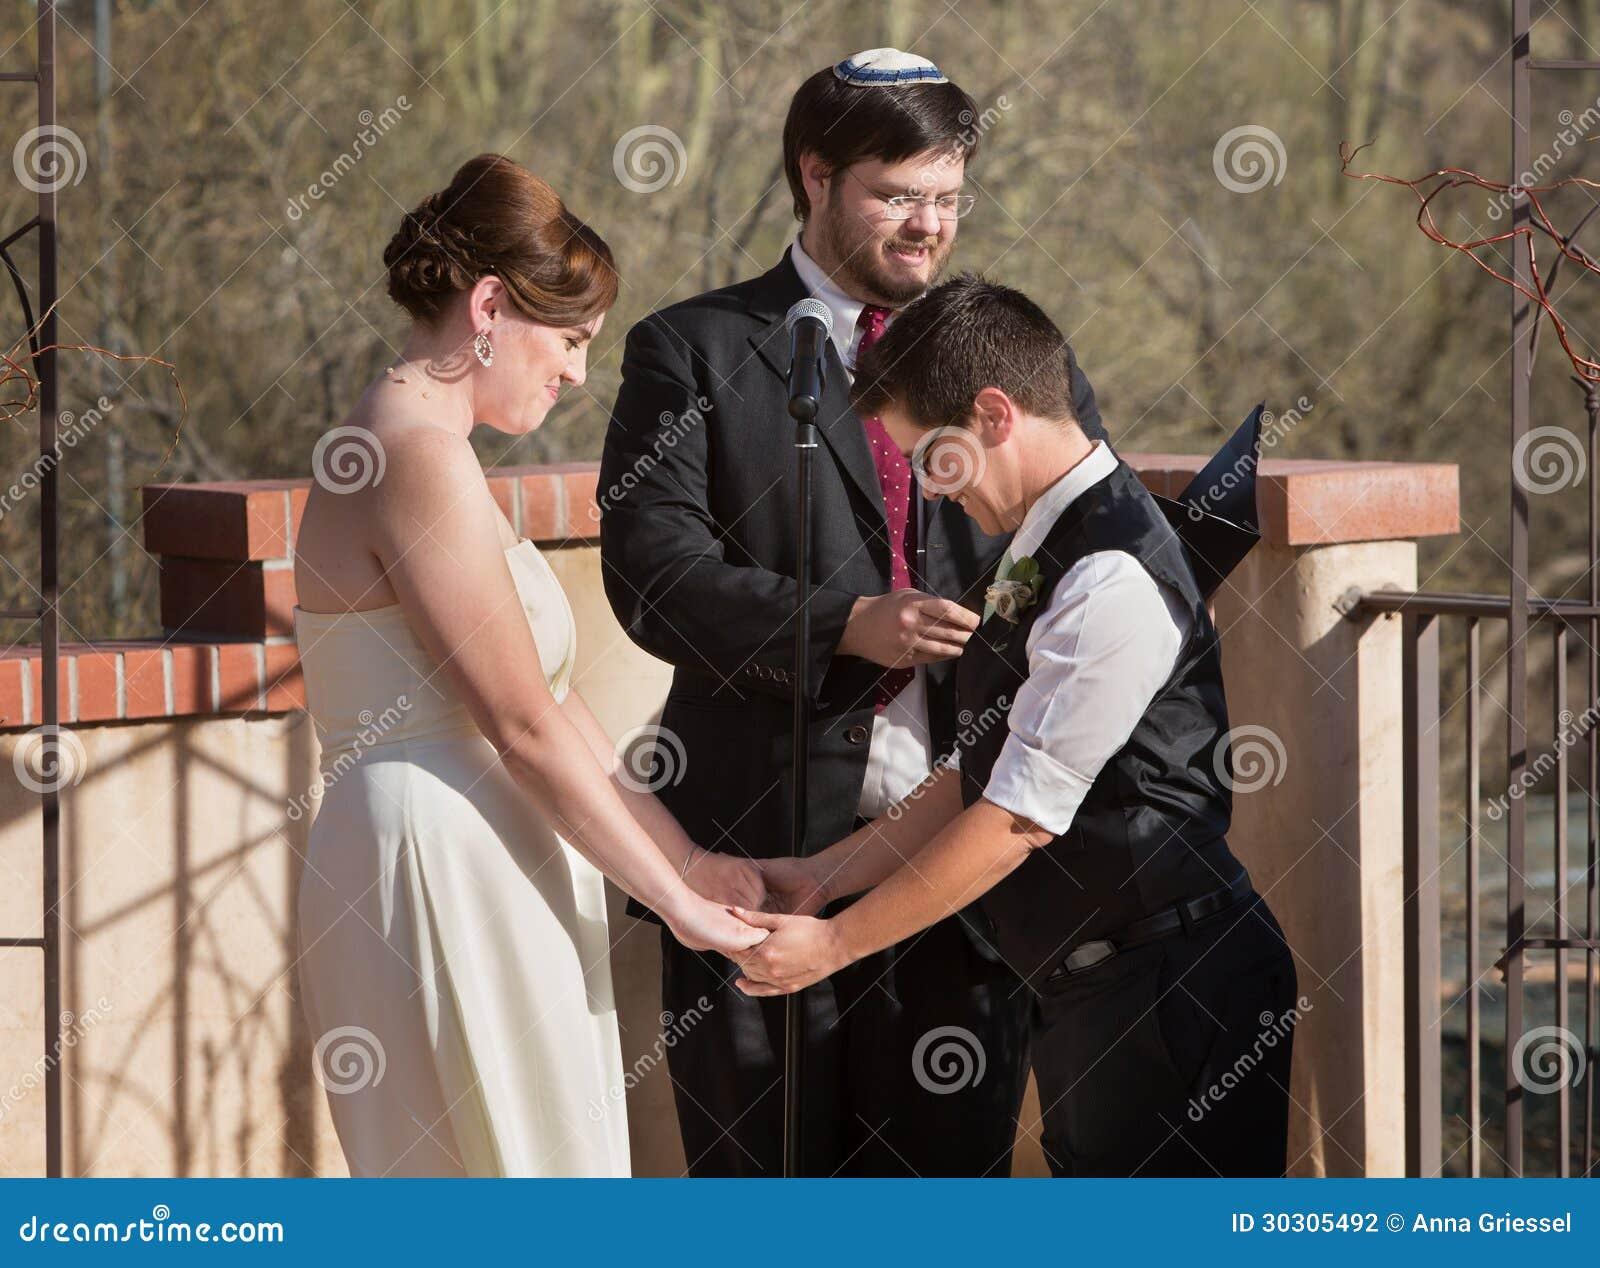 女同性恋的婚礼